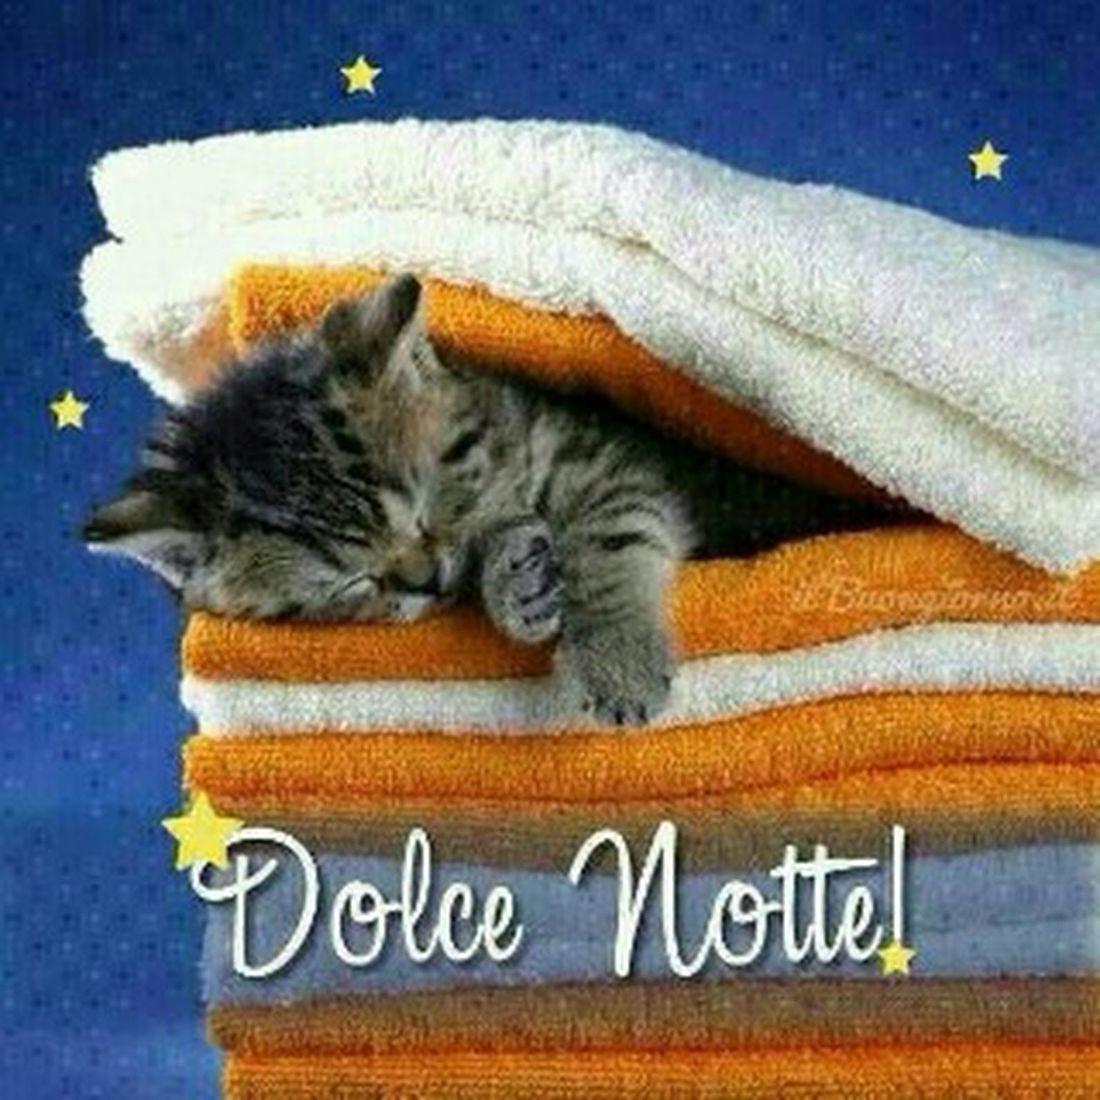 Dolce Notte!